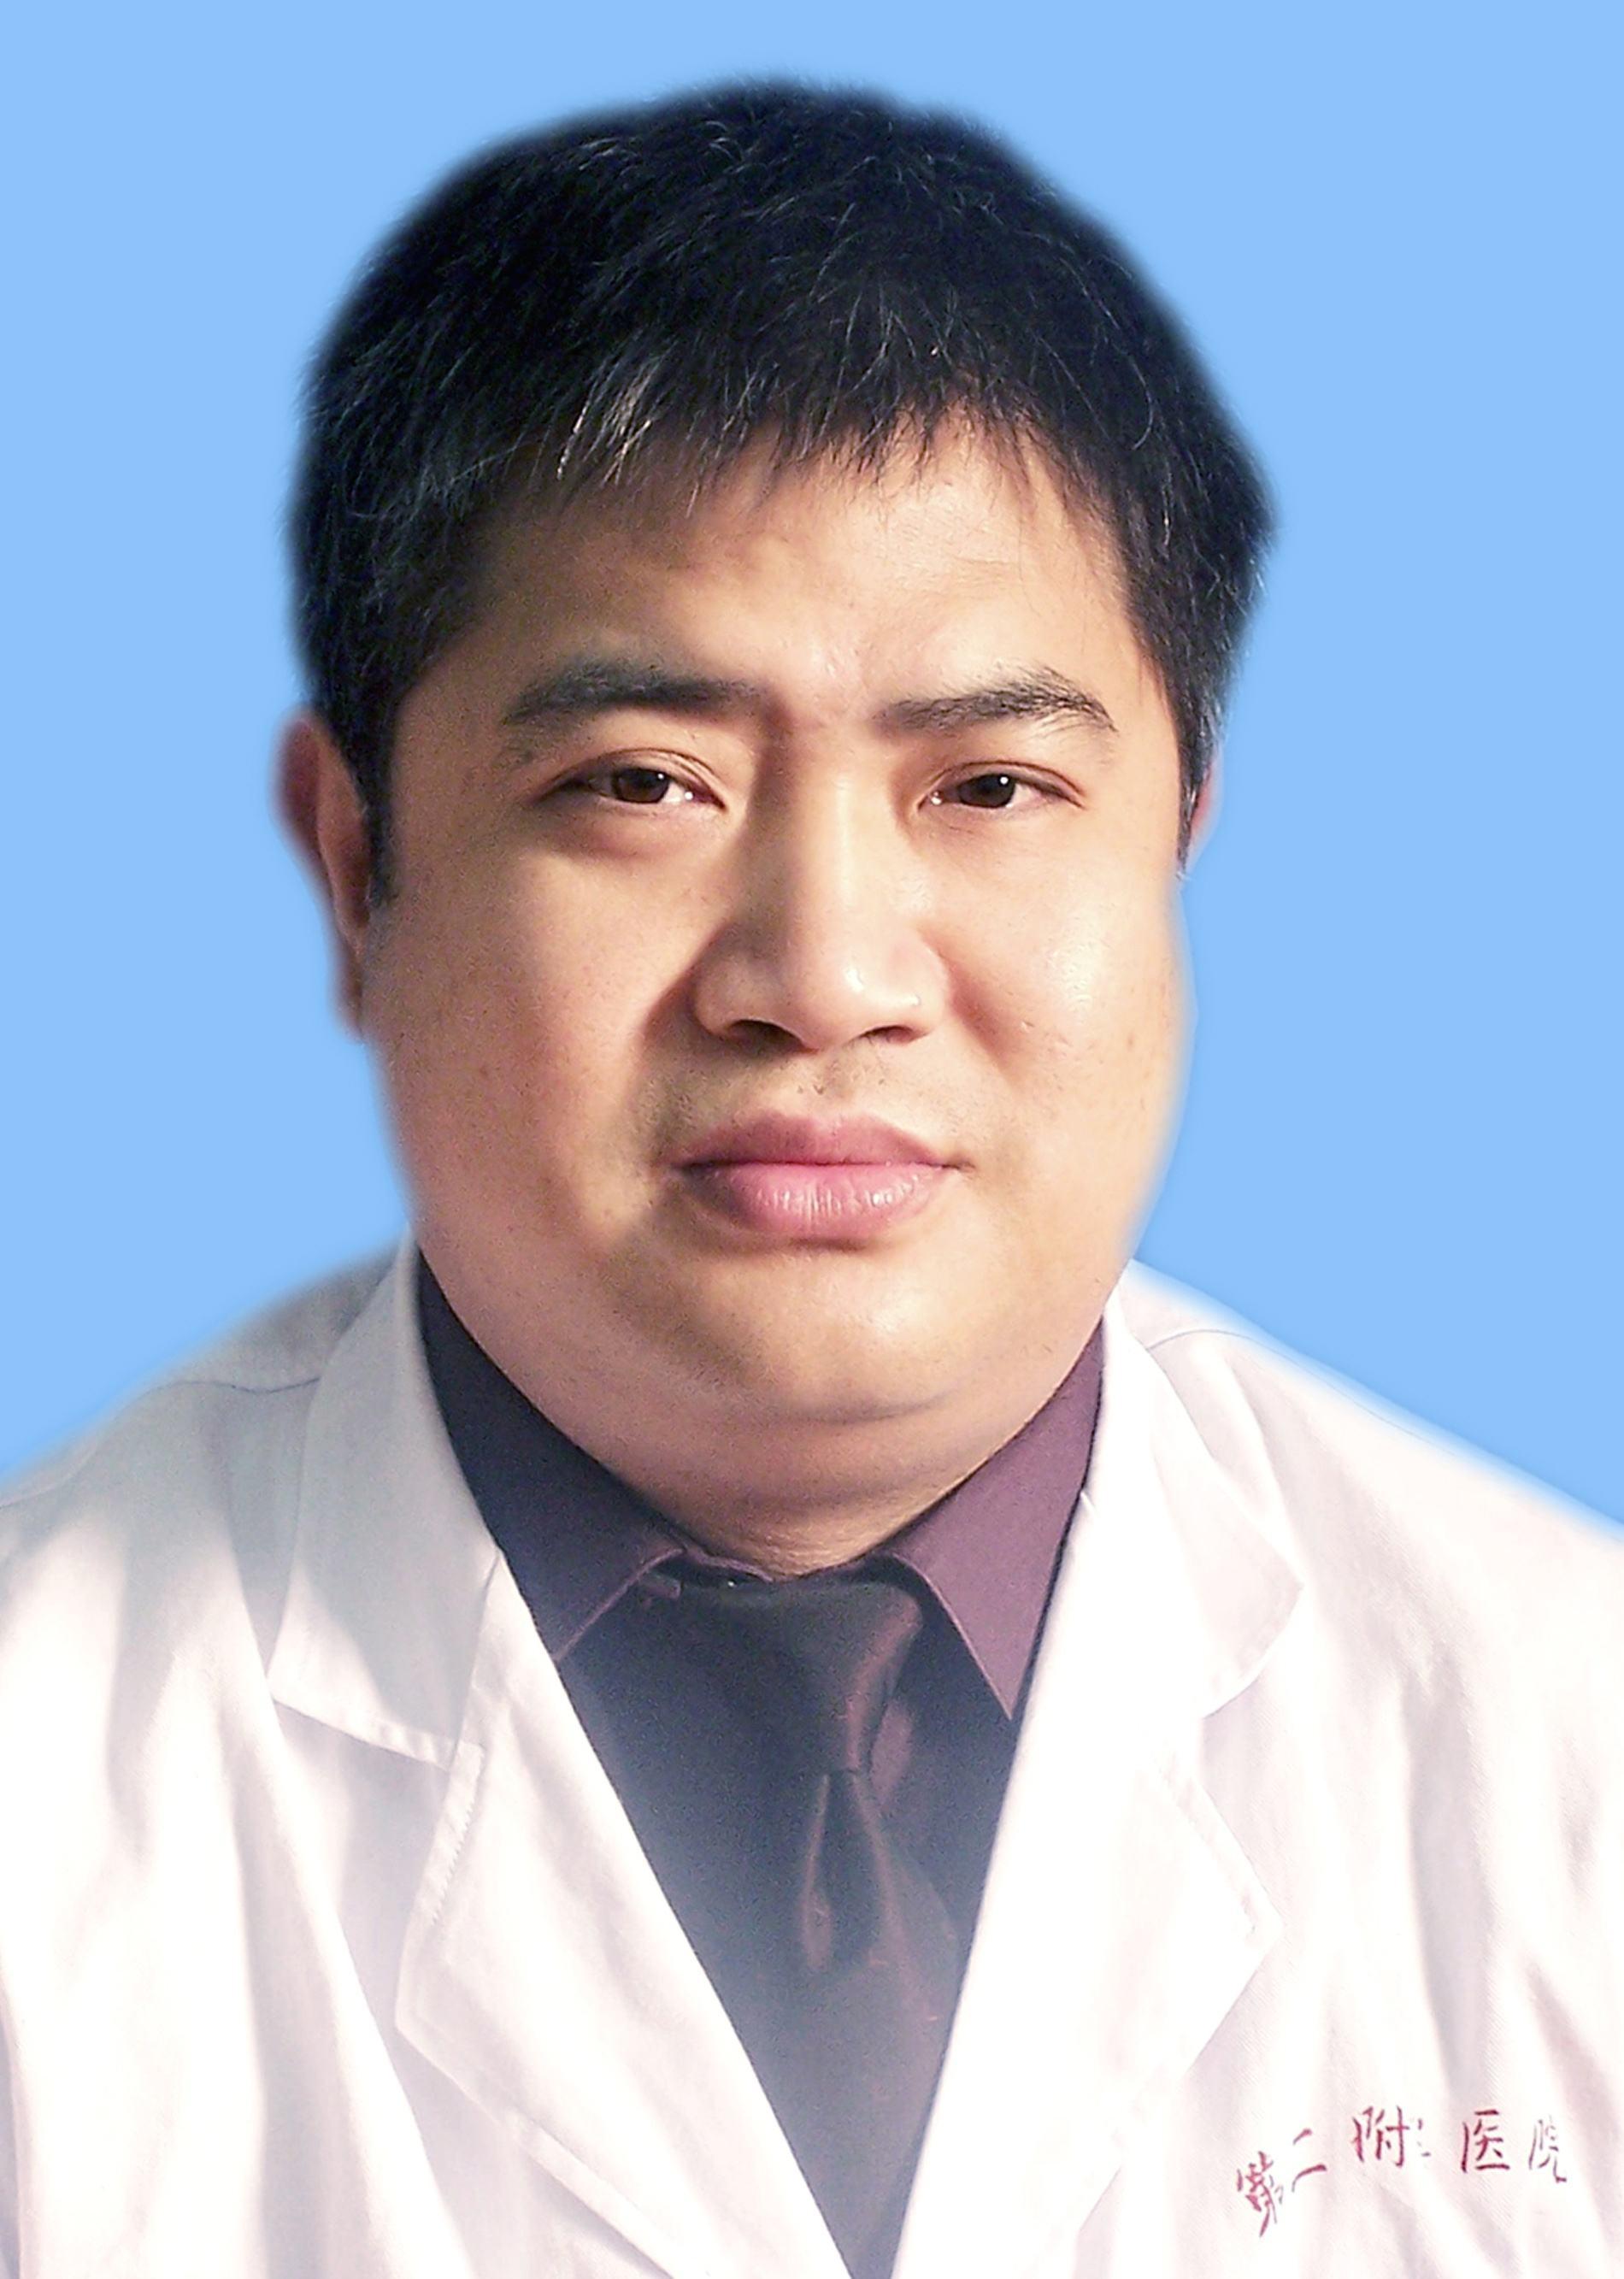 南昌大学第三附属医院副院长廖琦